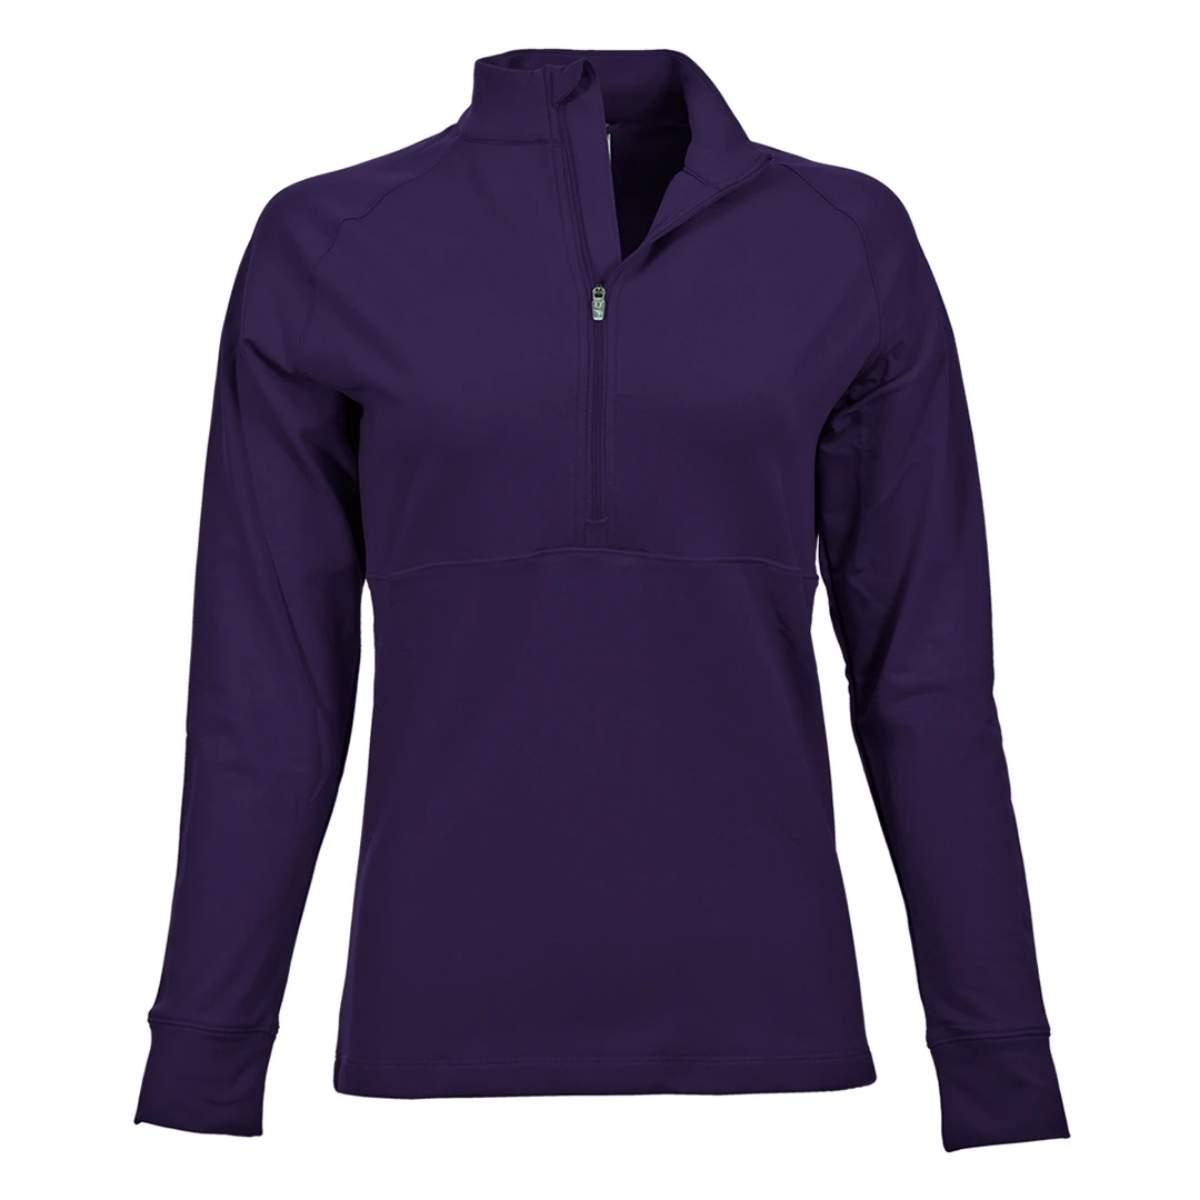 Levelwear Women's Harmony Pullover